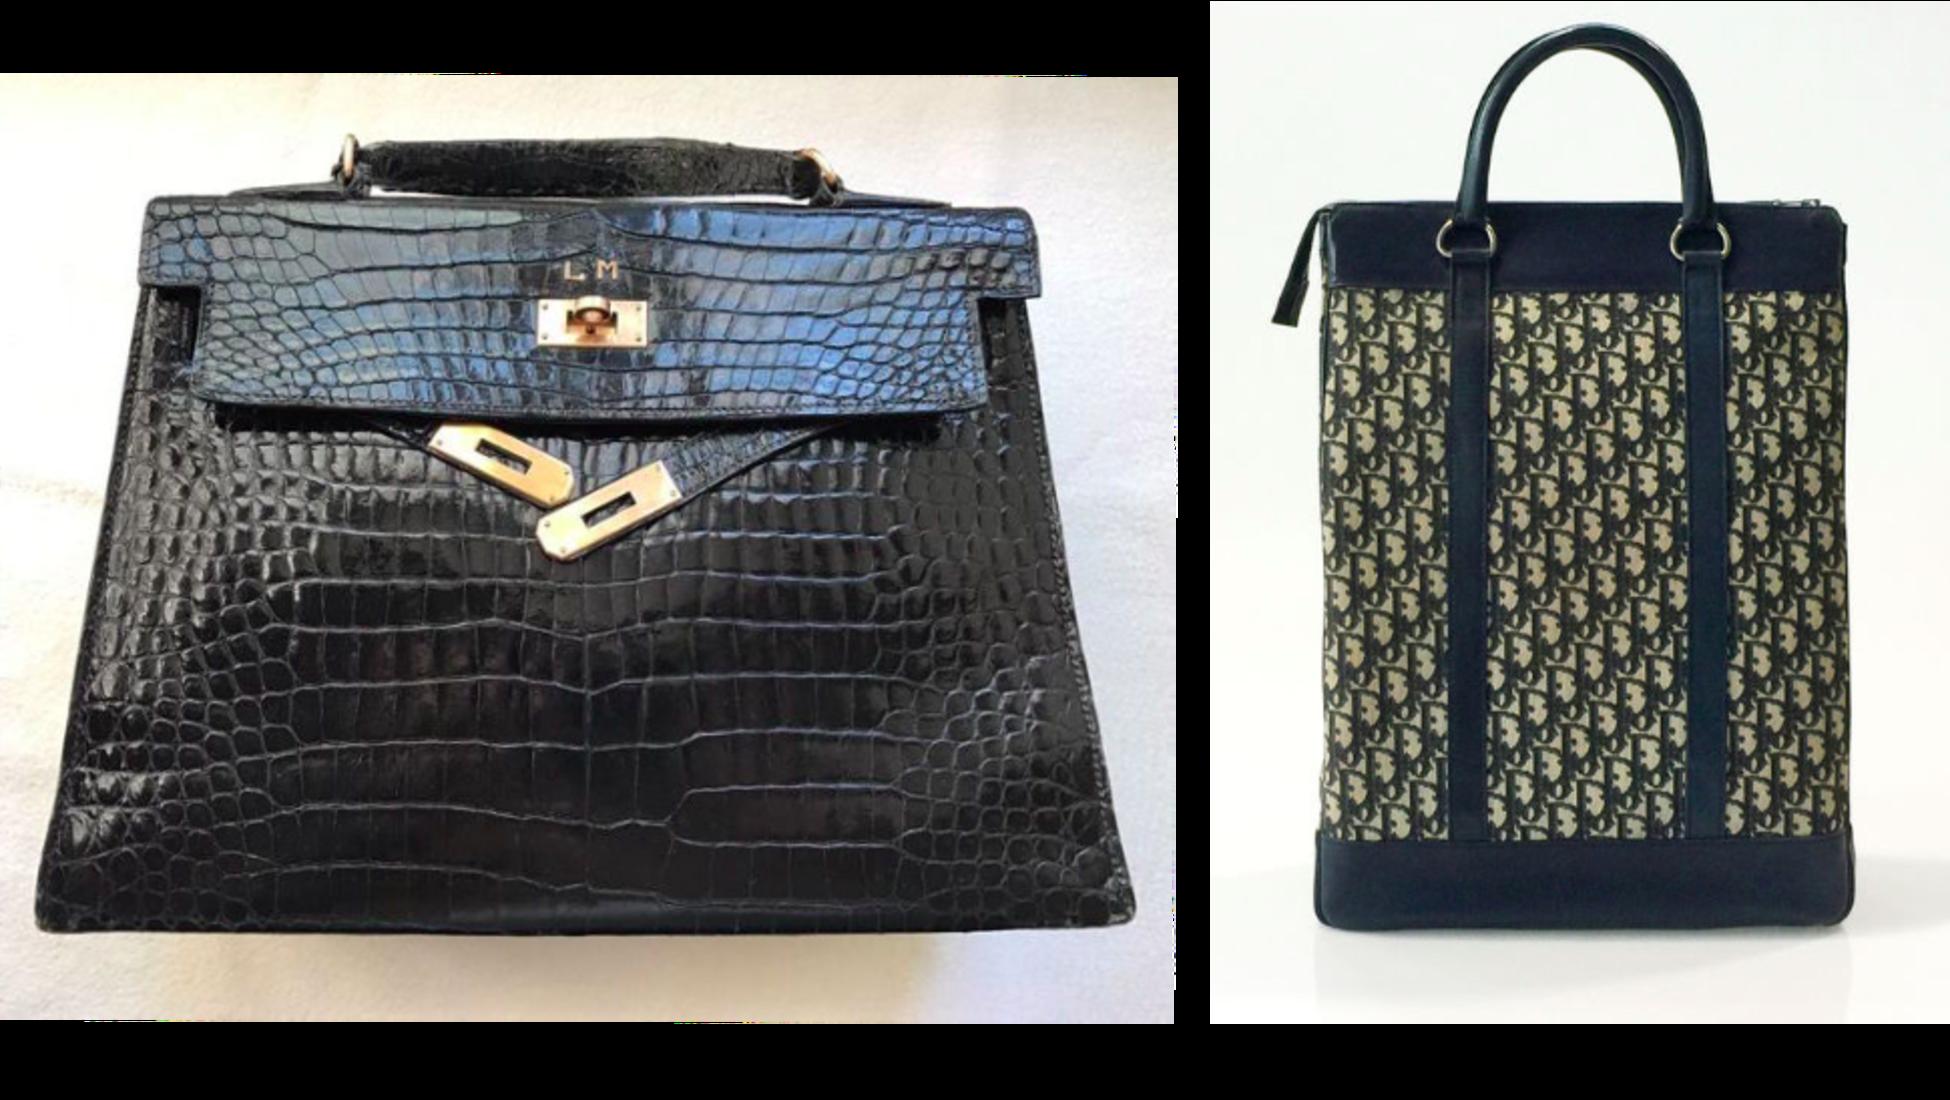 f222899bc178 Vänster: Hermès Kelly 32 väska- såld för 8 500 euro på Catawiki. Höger:  Christian Diors 70's big bag- såld för 701 euro på Catawiki.